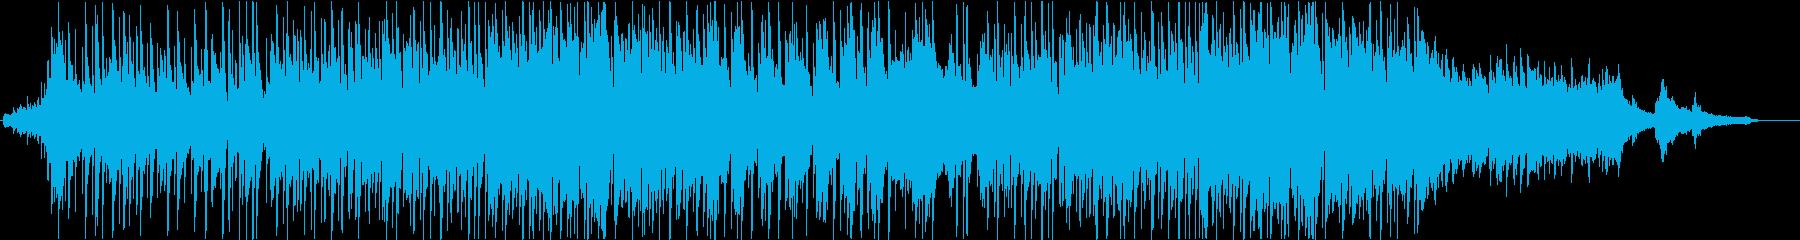 アニメ劇伴風 明るくキラキラした曲の再生済みの波形